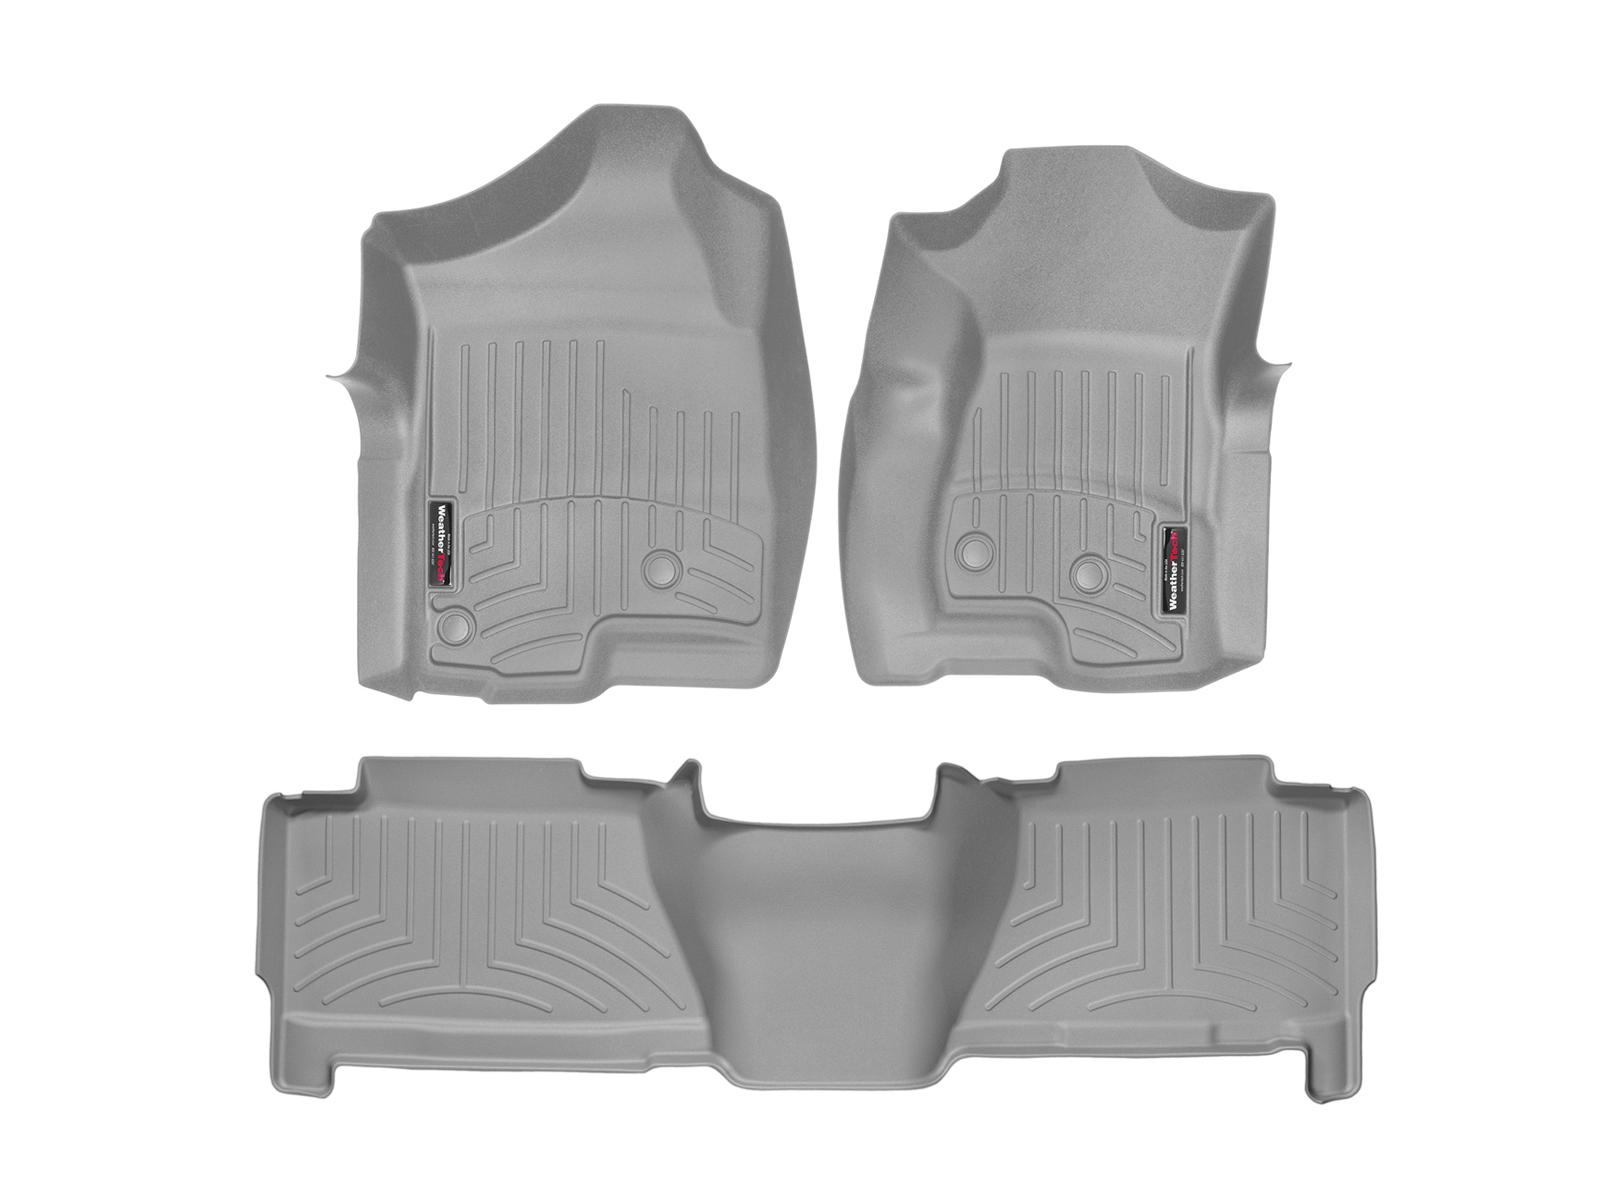 Tappeti gomma su misura bordo alto Chevrolet Silverado 07>07 Grigio A159